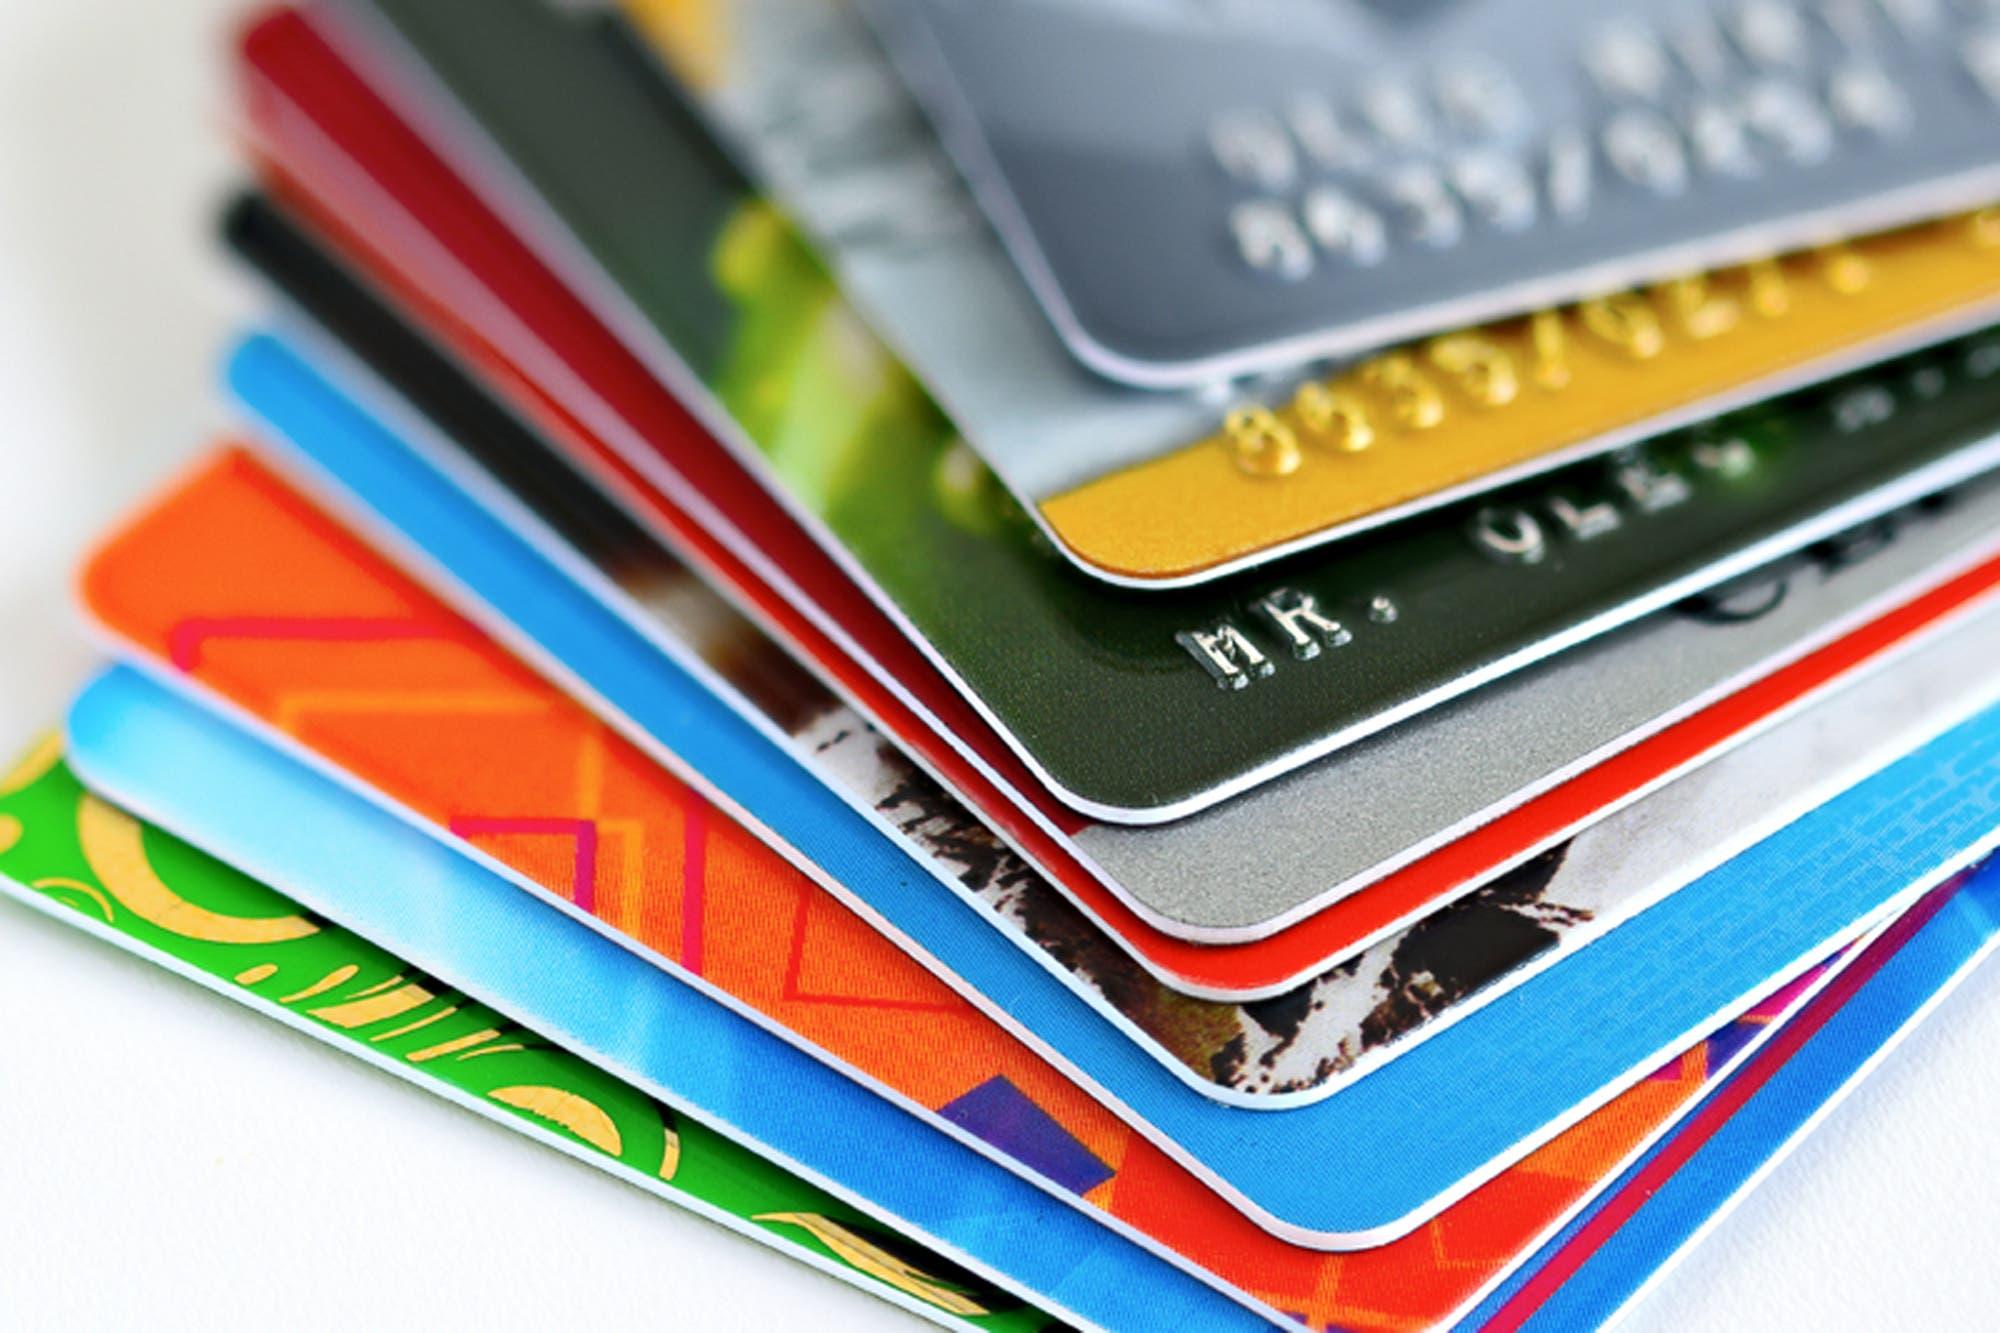 <br>Tasas de interés en tarjetas superan hasta en 23 veces la inflación anual